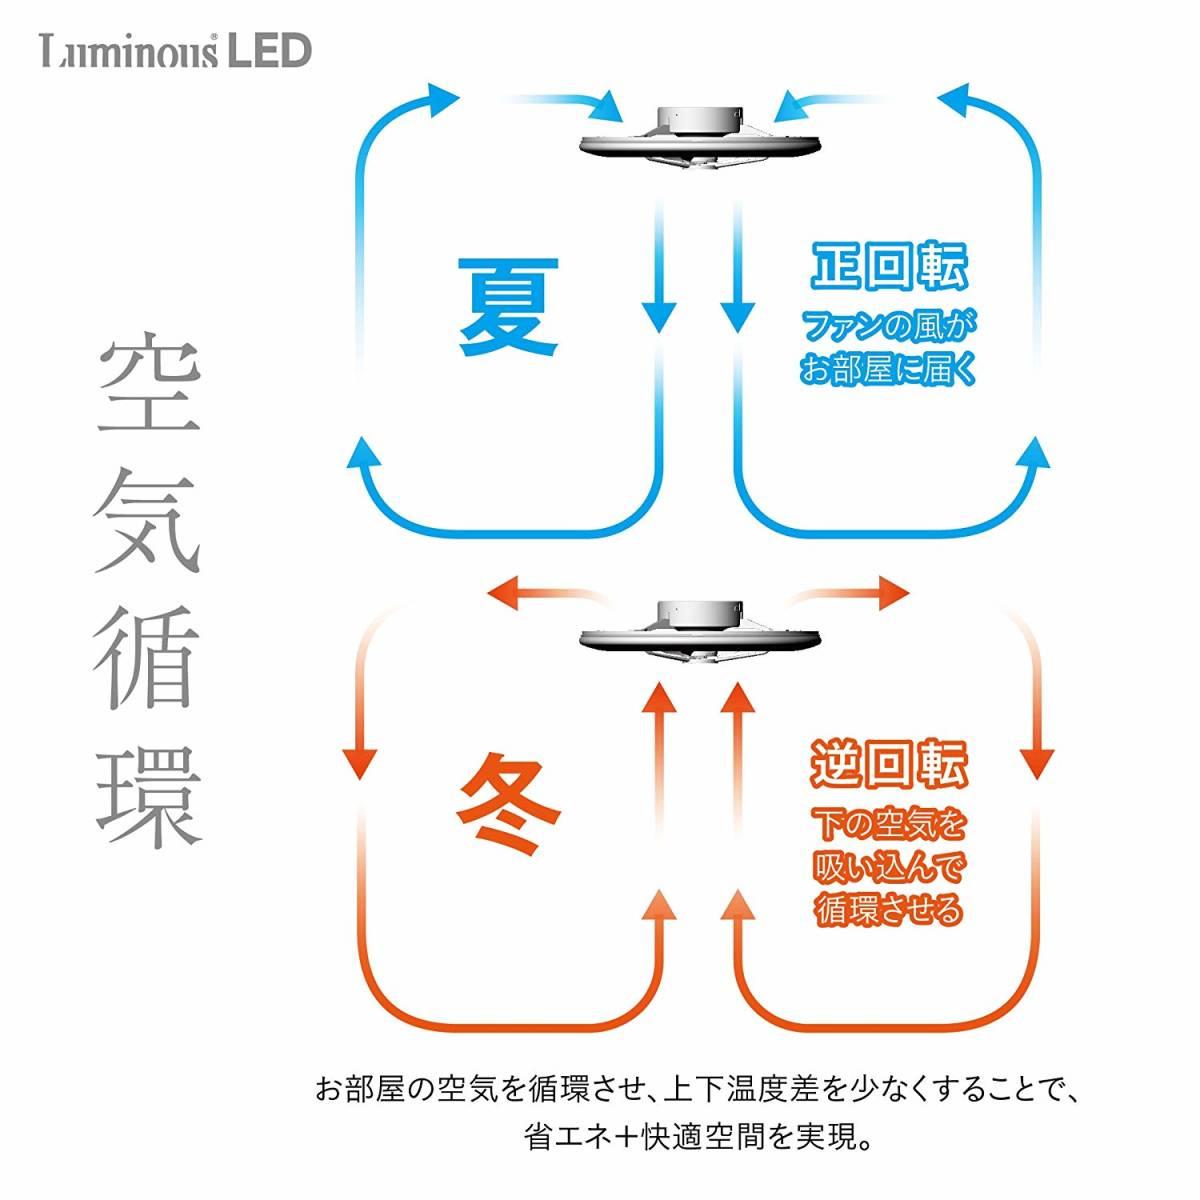 LED シーリングサーキュレーター ルミナス ~8畳 調光調色タイプ 光拡散レンズ搭載 シンプルリモコン付き ACC-08CM154_画像5